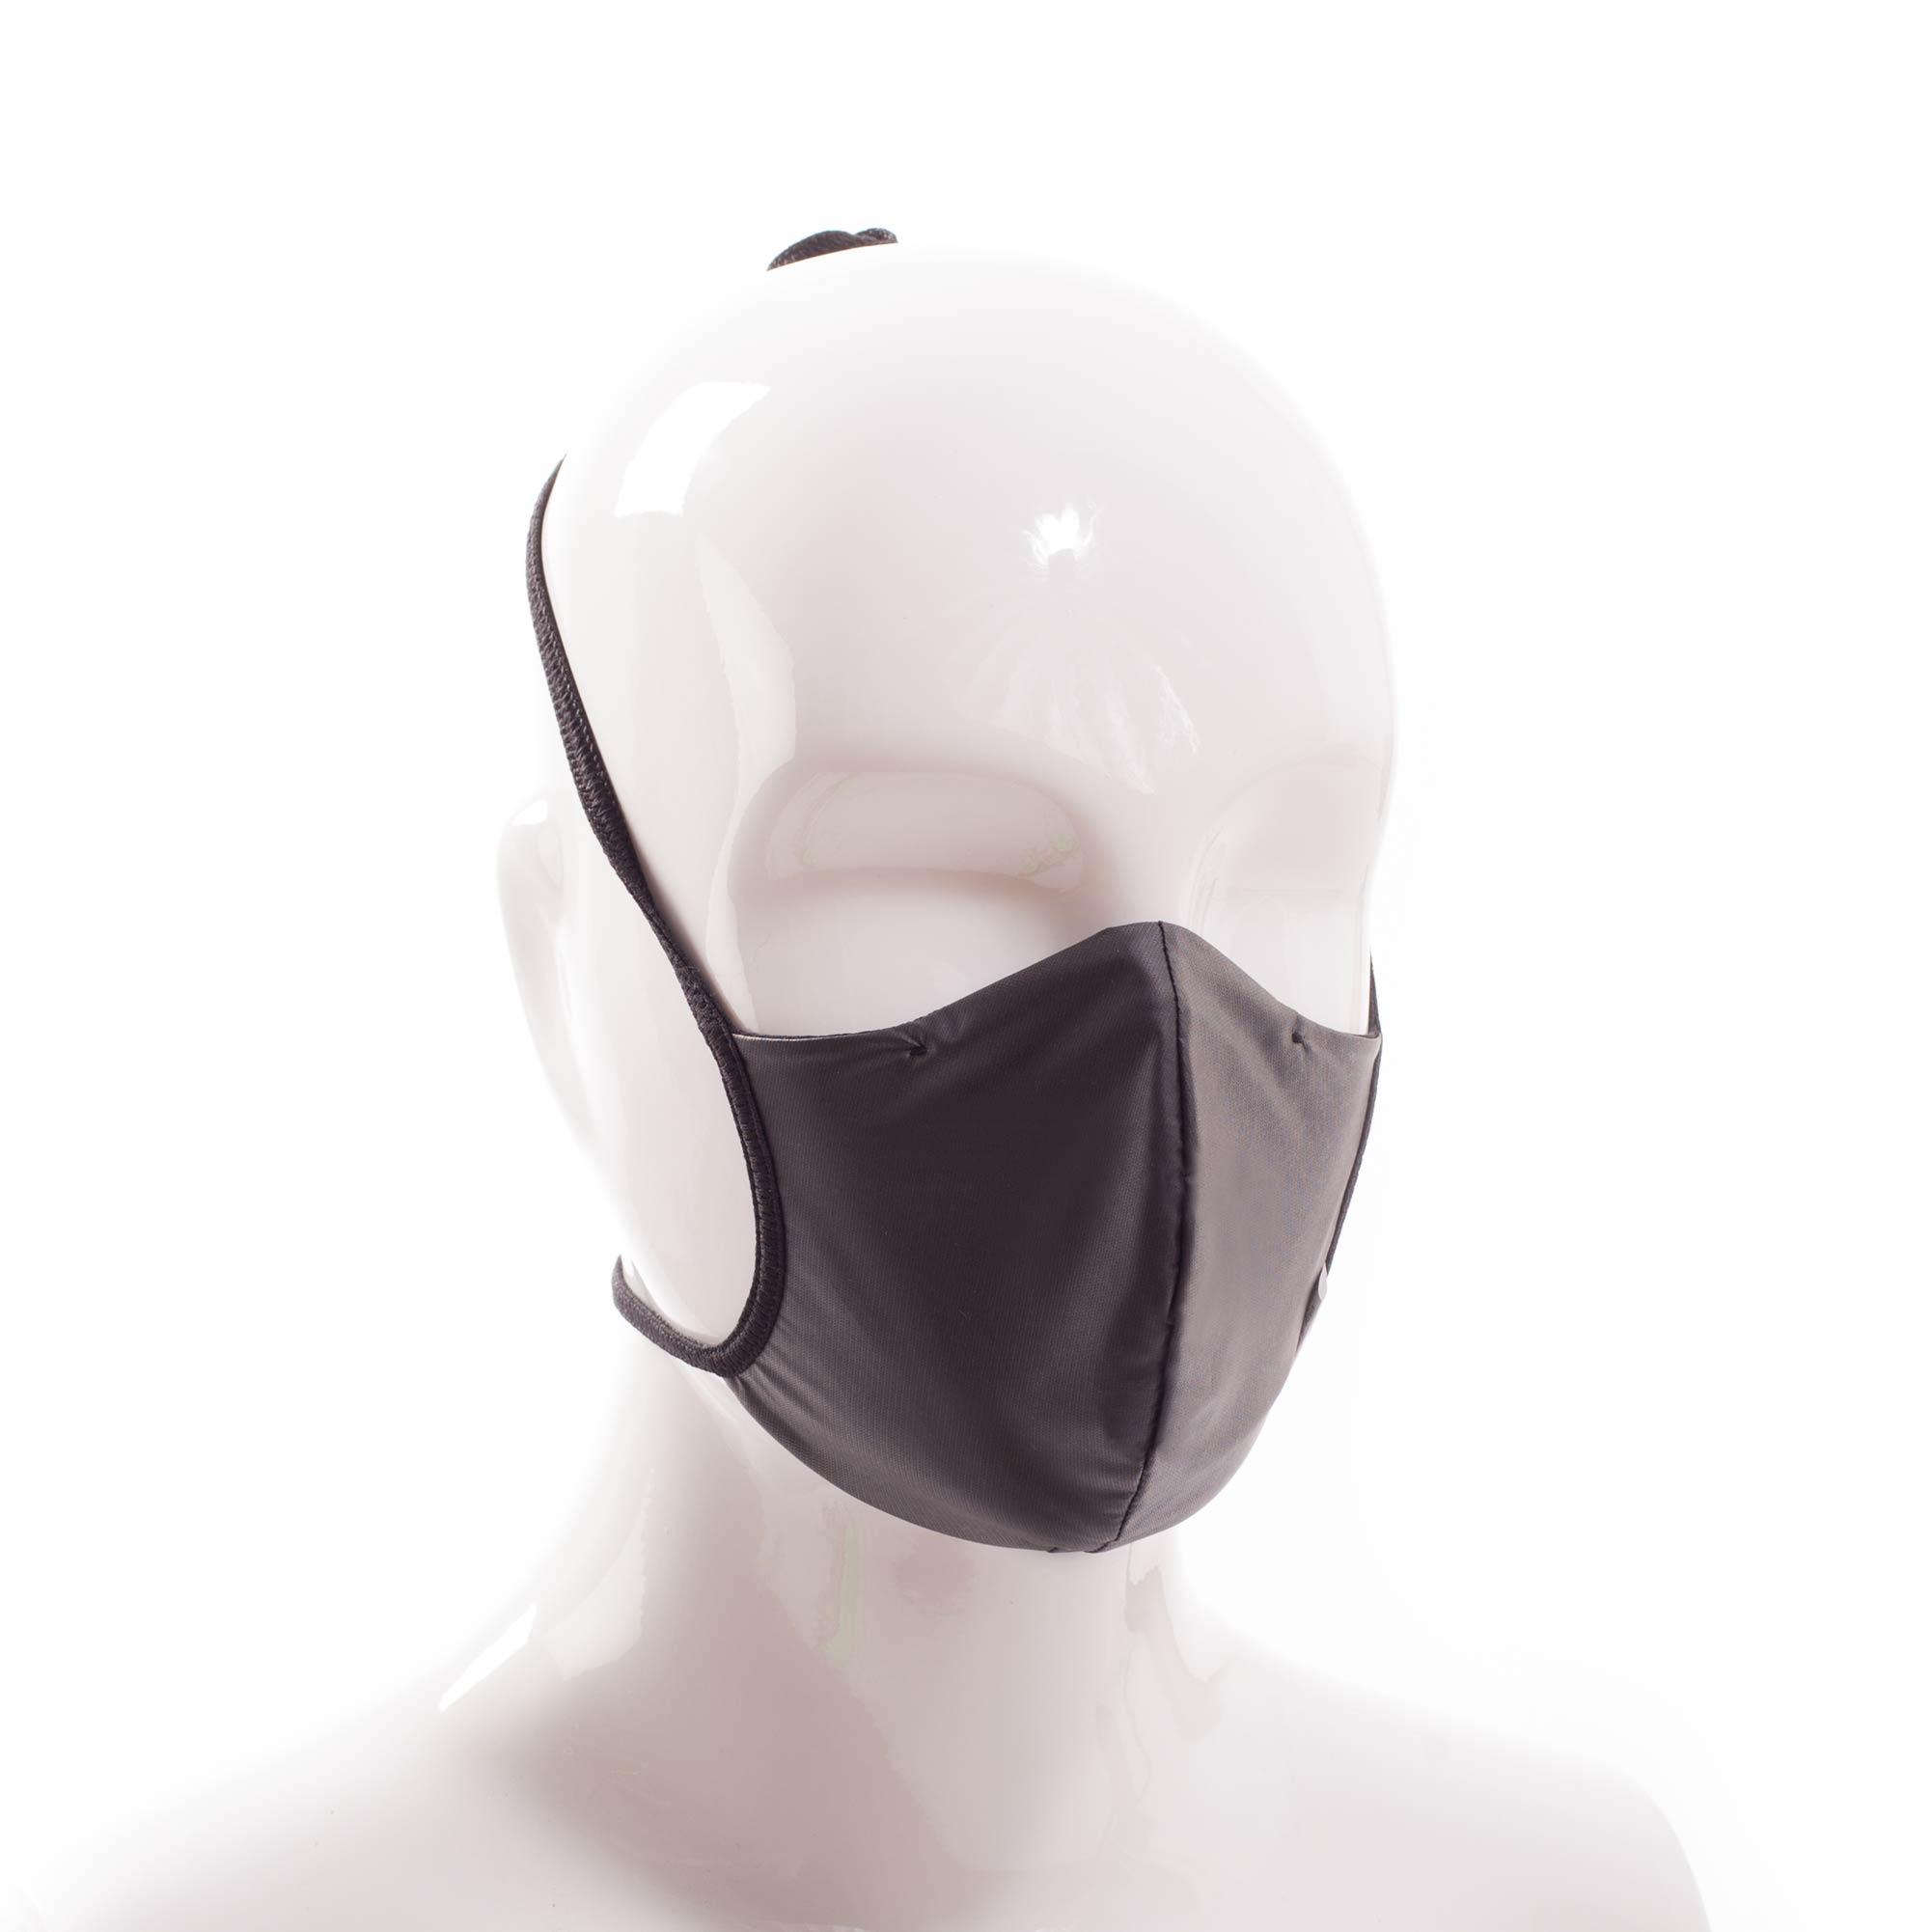 Die Coolmax/Funxtion Mund-Nasen Maske FXM4 von der Wonneberger Manufaktur ist eine hichtech, textile Behelfsmaske, kein zertifizierter Mundschutz.  Sie schützt nur bedingt vor Ansteckung. Ihr eigentlicher Zweck ist es, den Atmen des Trägers zu filtern und dadurch seine Umgebung zu schützen.  Daher muss…